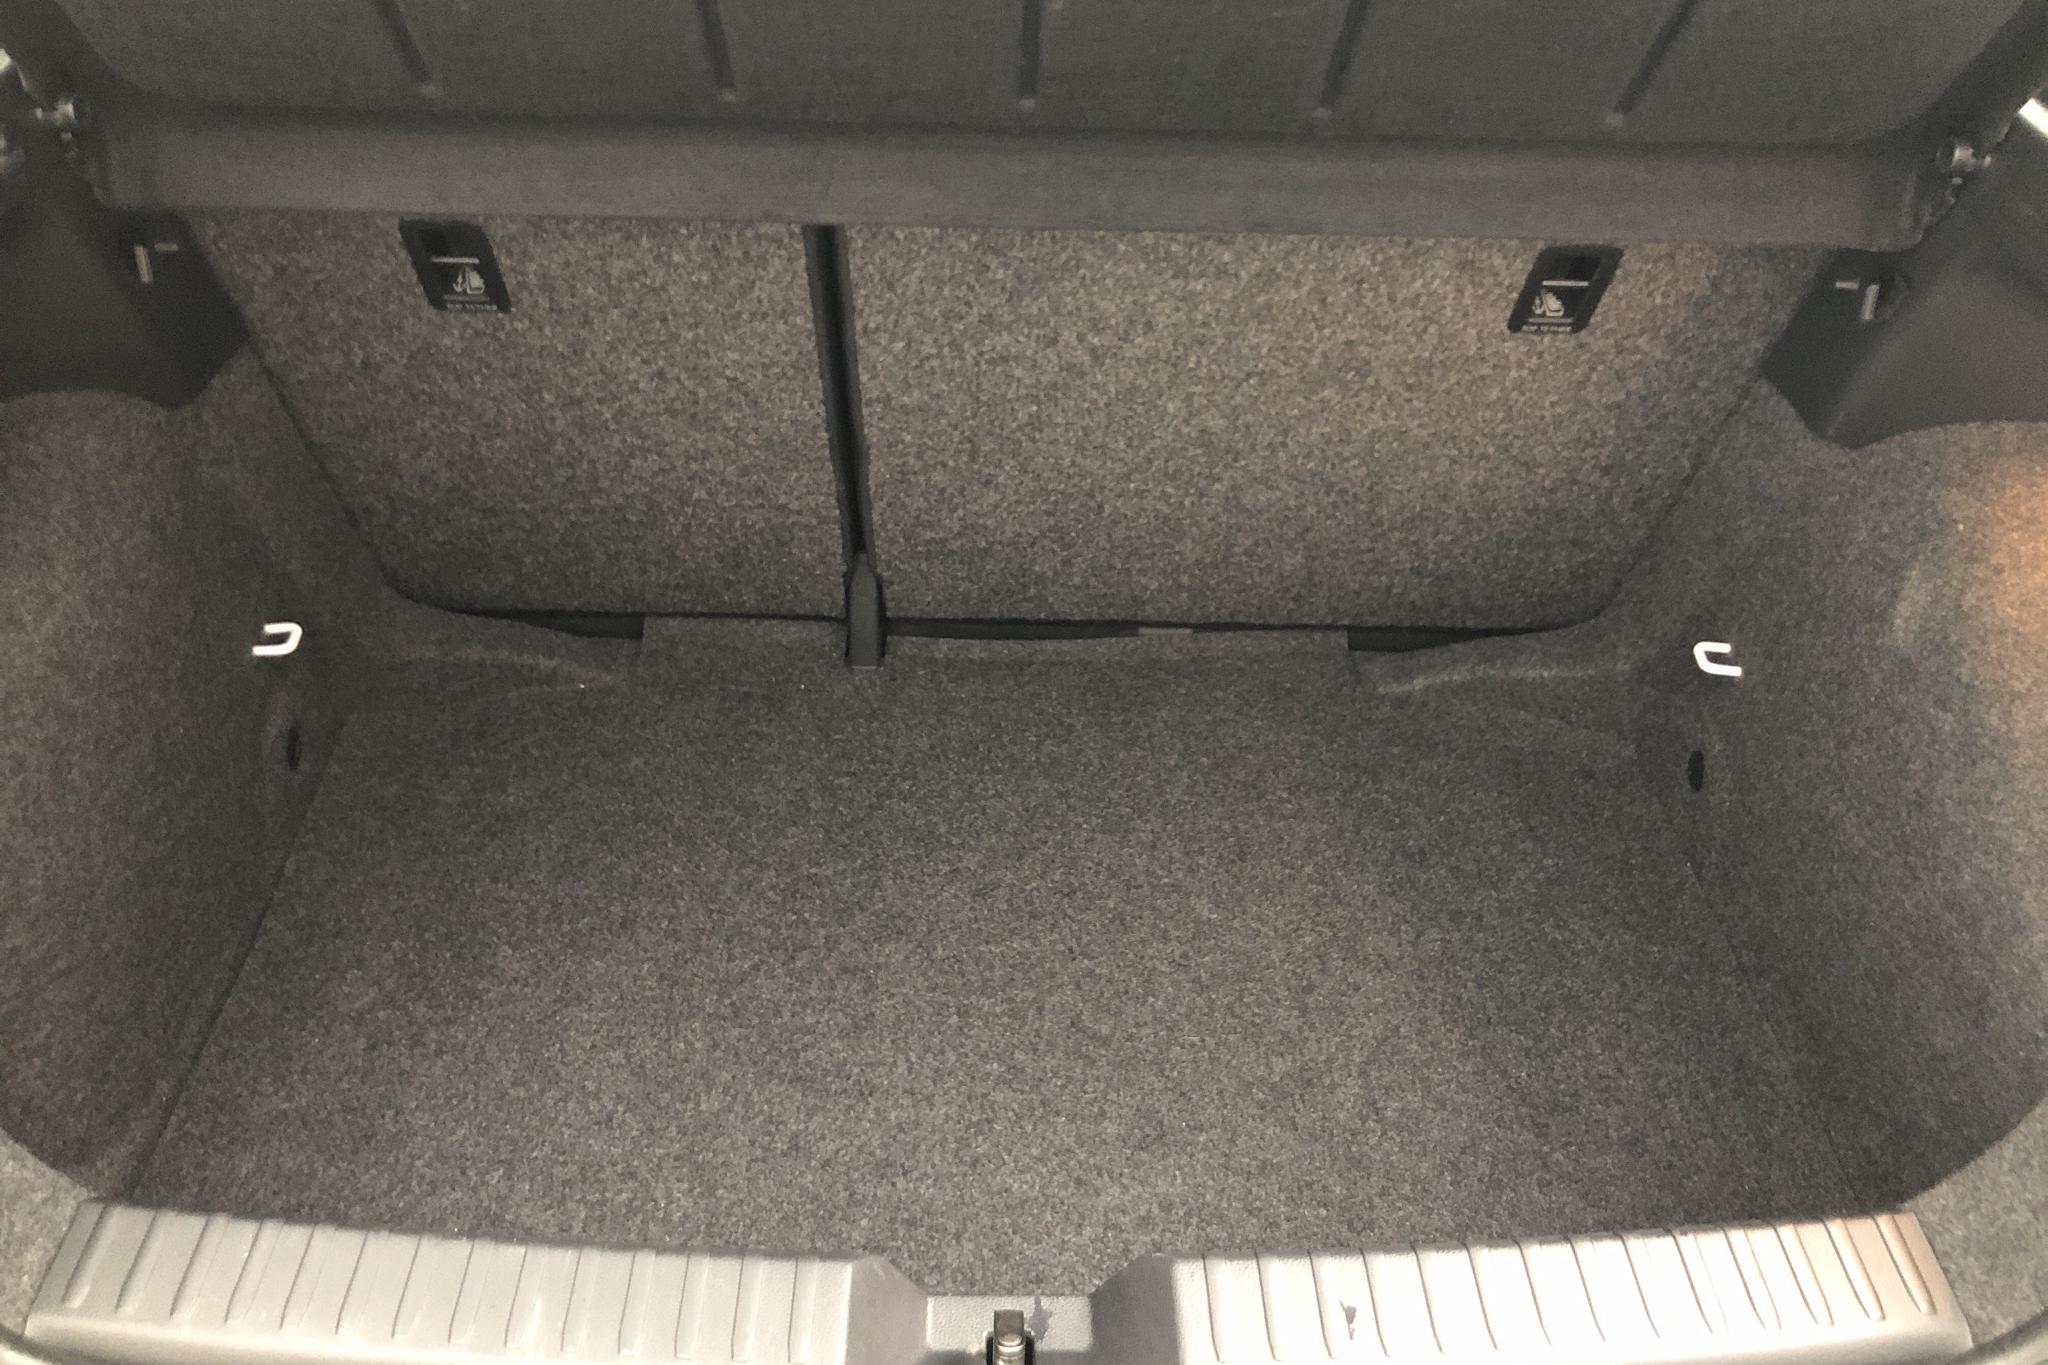 Seat Ibiza 1.0 TSI 5dr (95hk) - 29 980 km - Manual - white - 2018